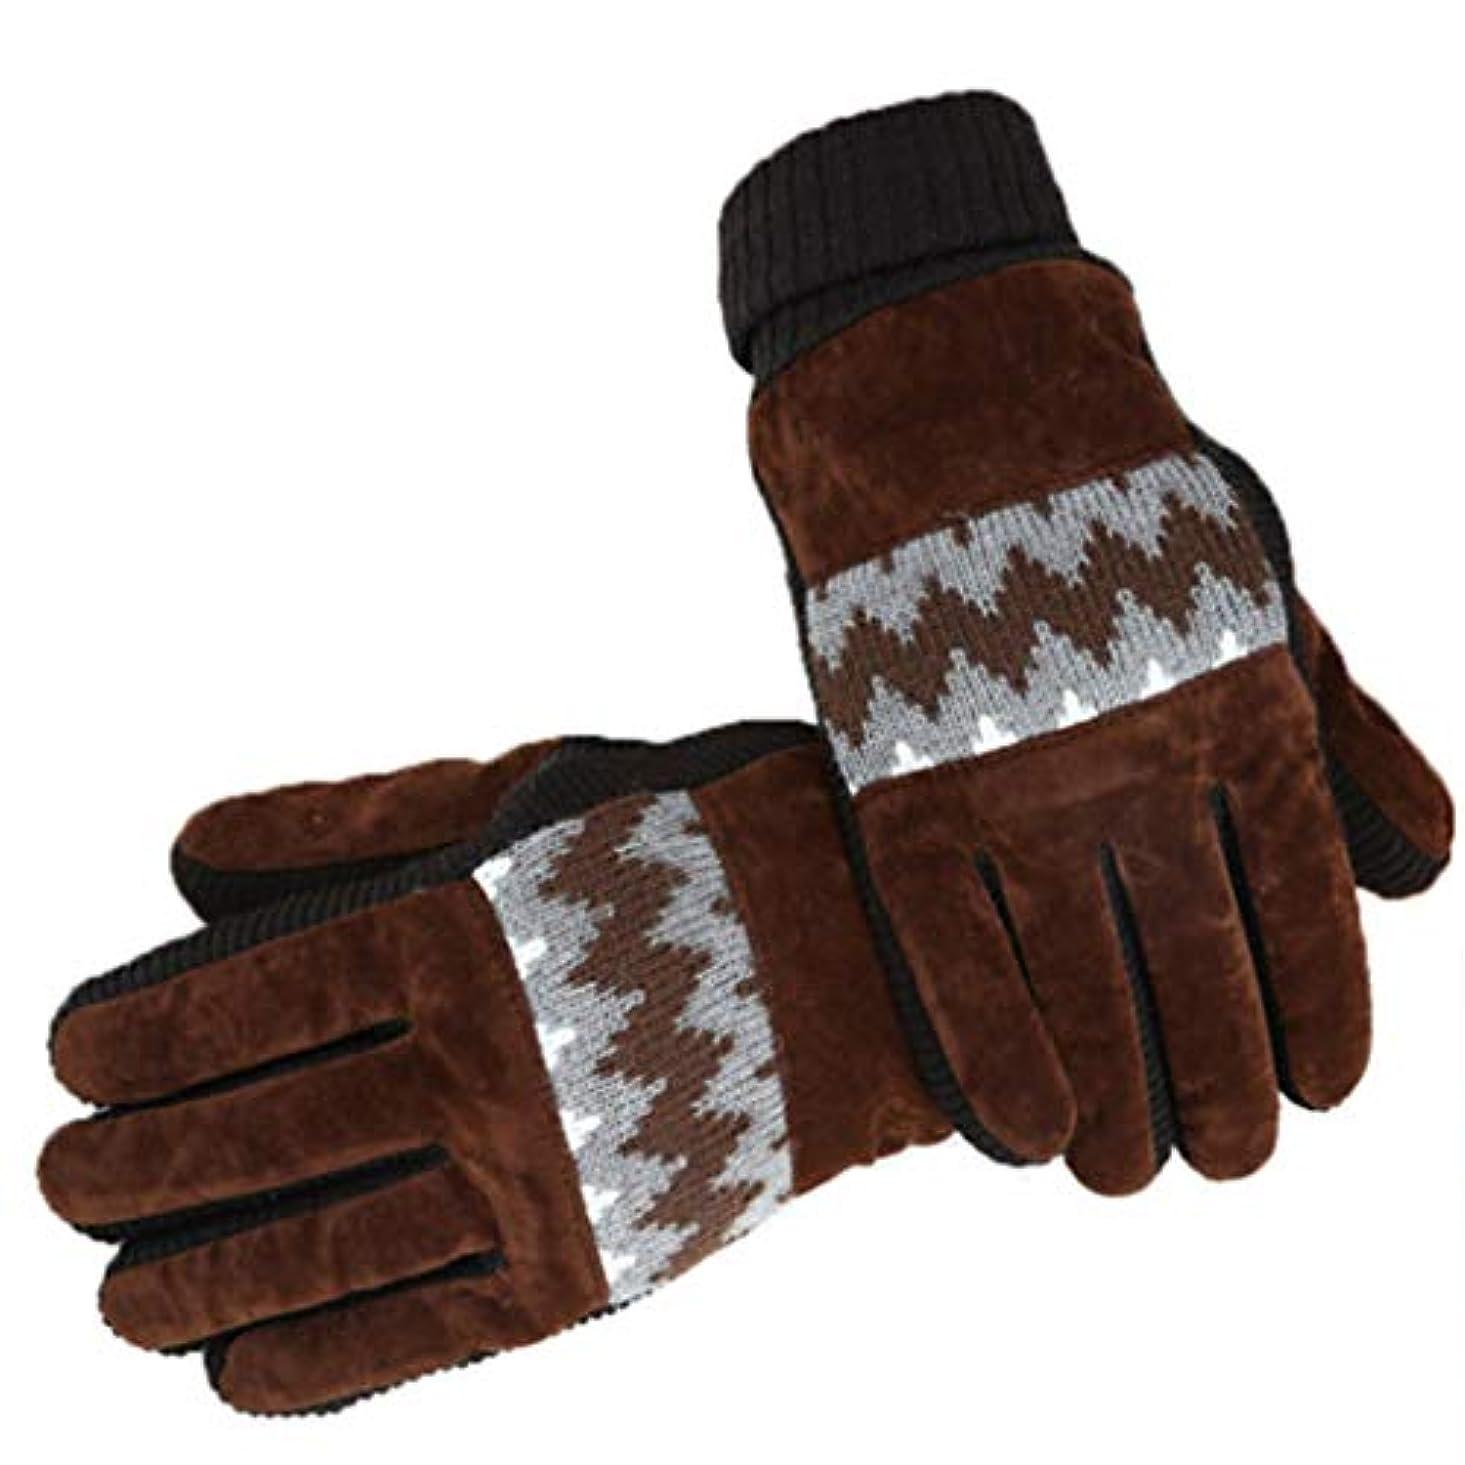 実験的刈り取る王族手袋の男性の冬プラスベルベット寒い暖かいサイクリング秋と冬の防風タッチスクリーンの綿手袋の水リップル黒 (色 : Brown)